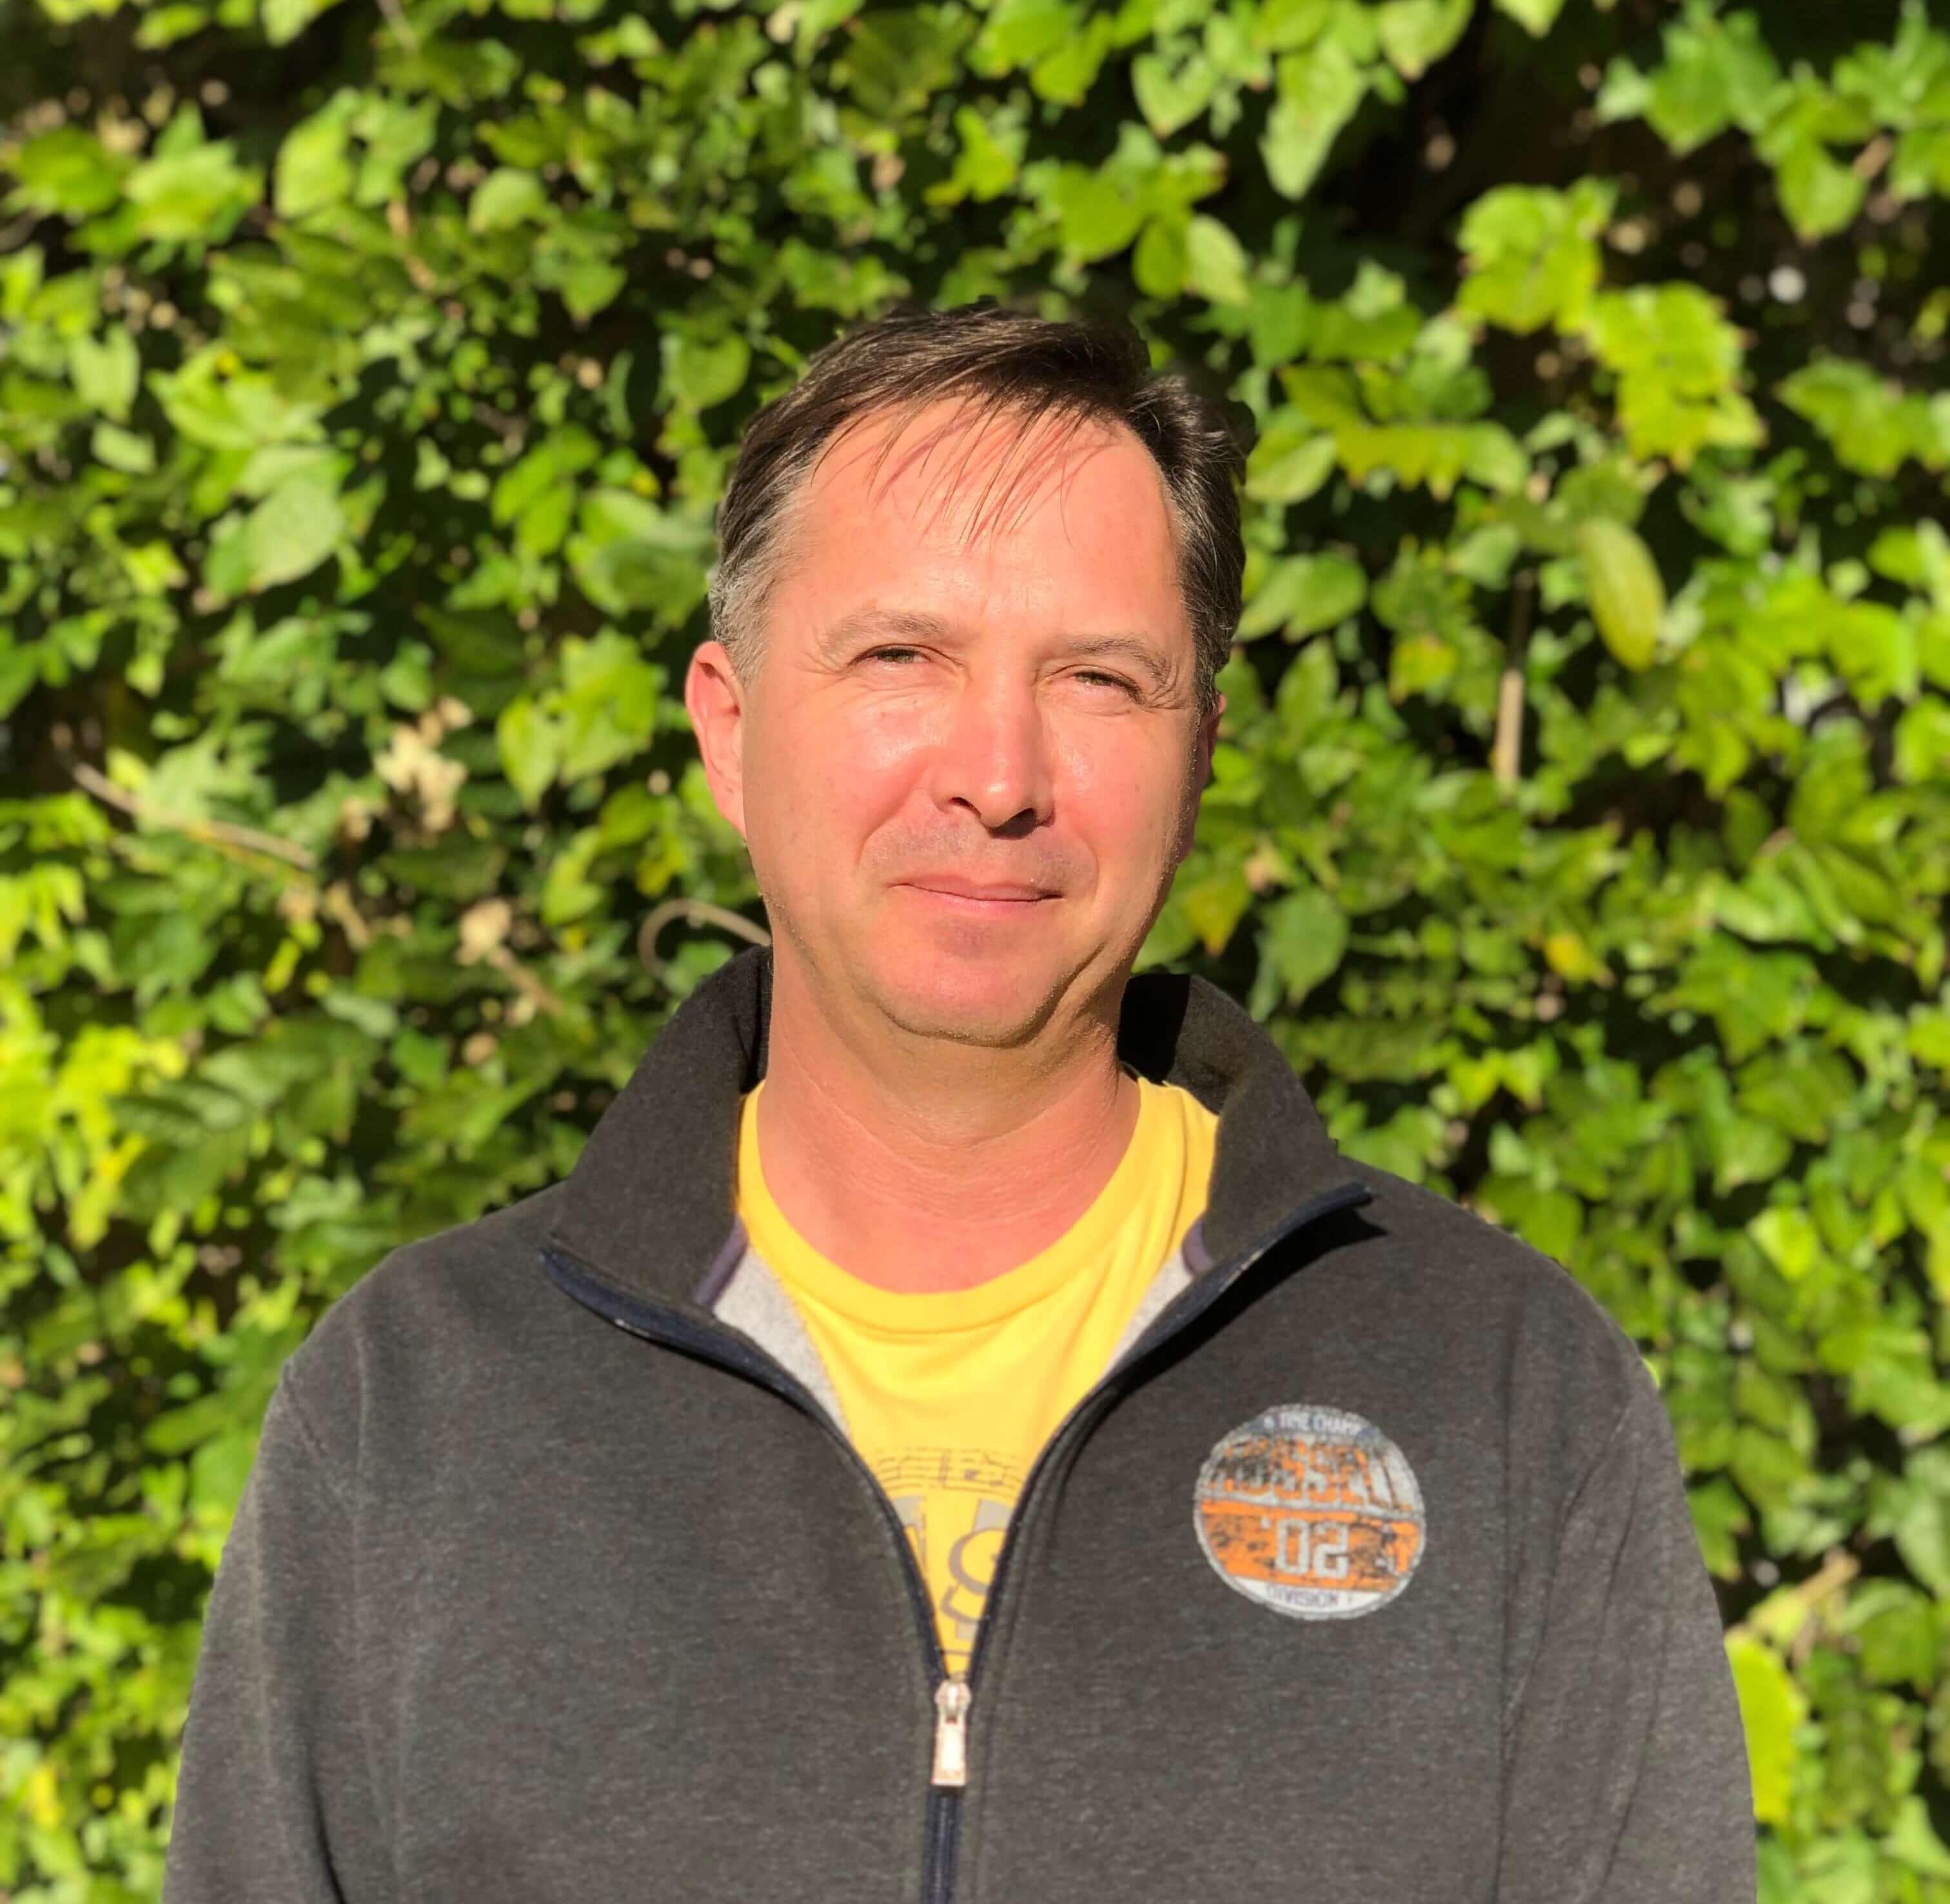 Profilová fotka Ing. Roman Klos